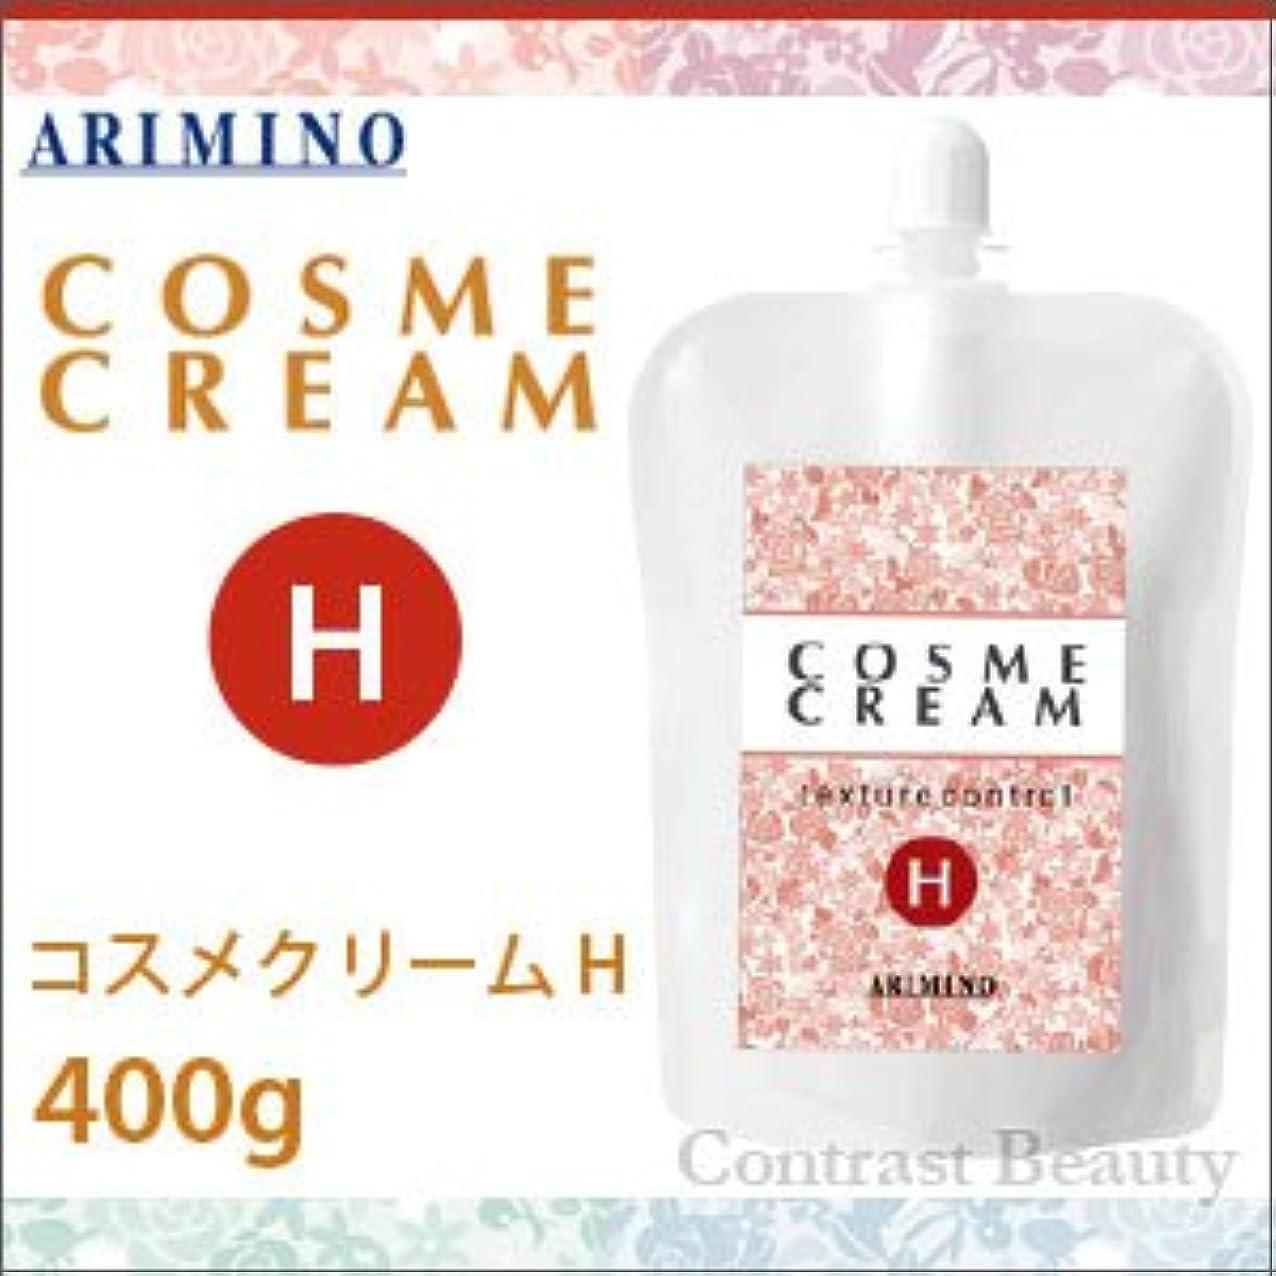 注文笑食堂アリミノ コスメクリーム H 400g